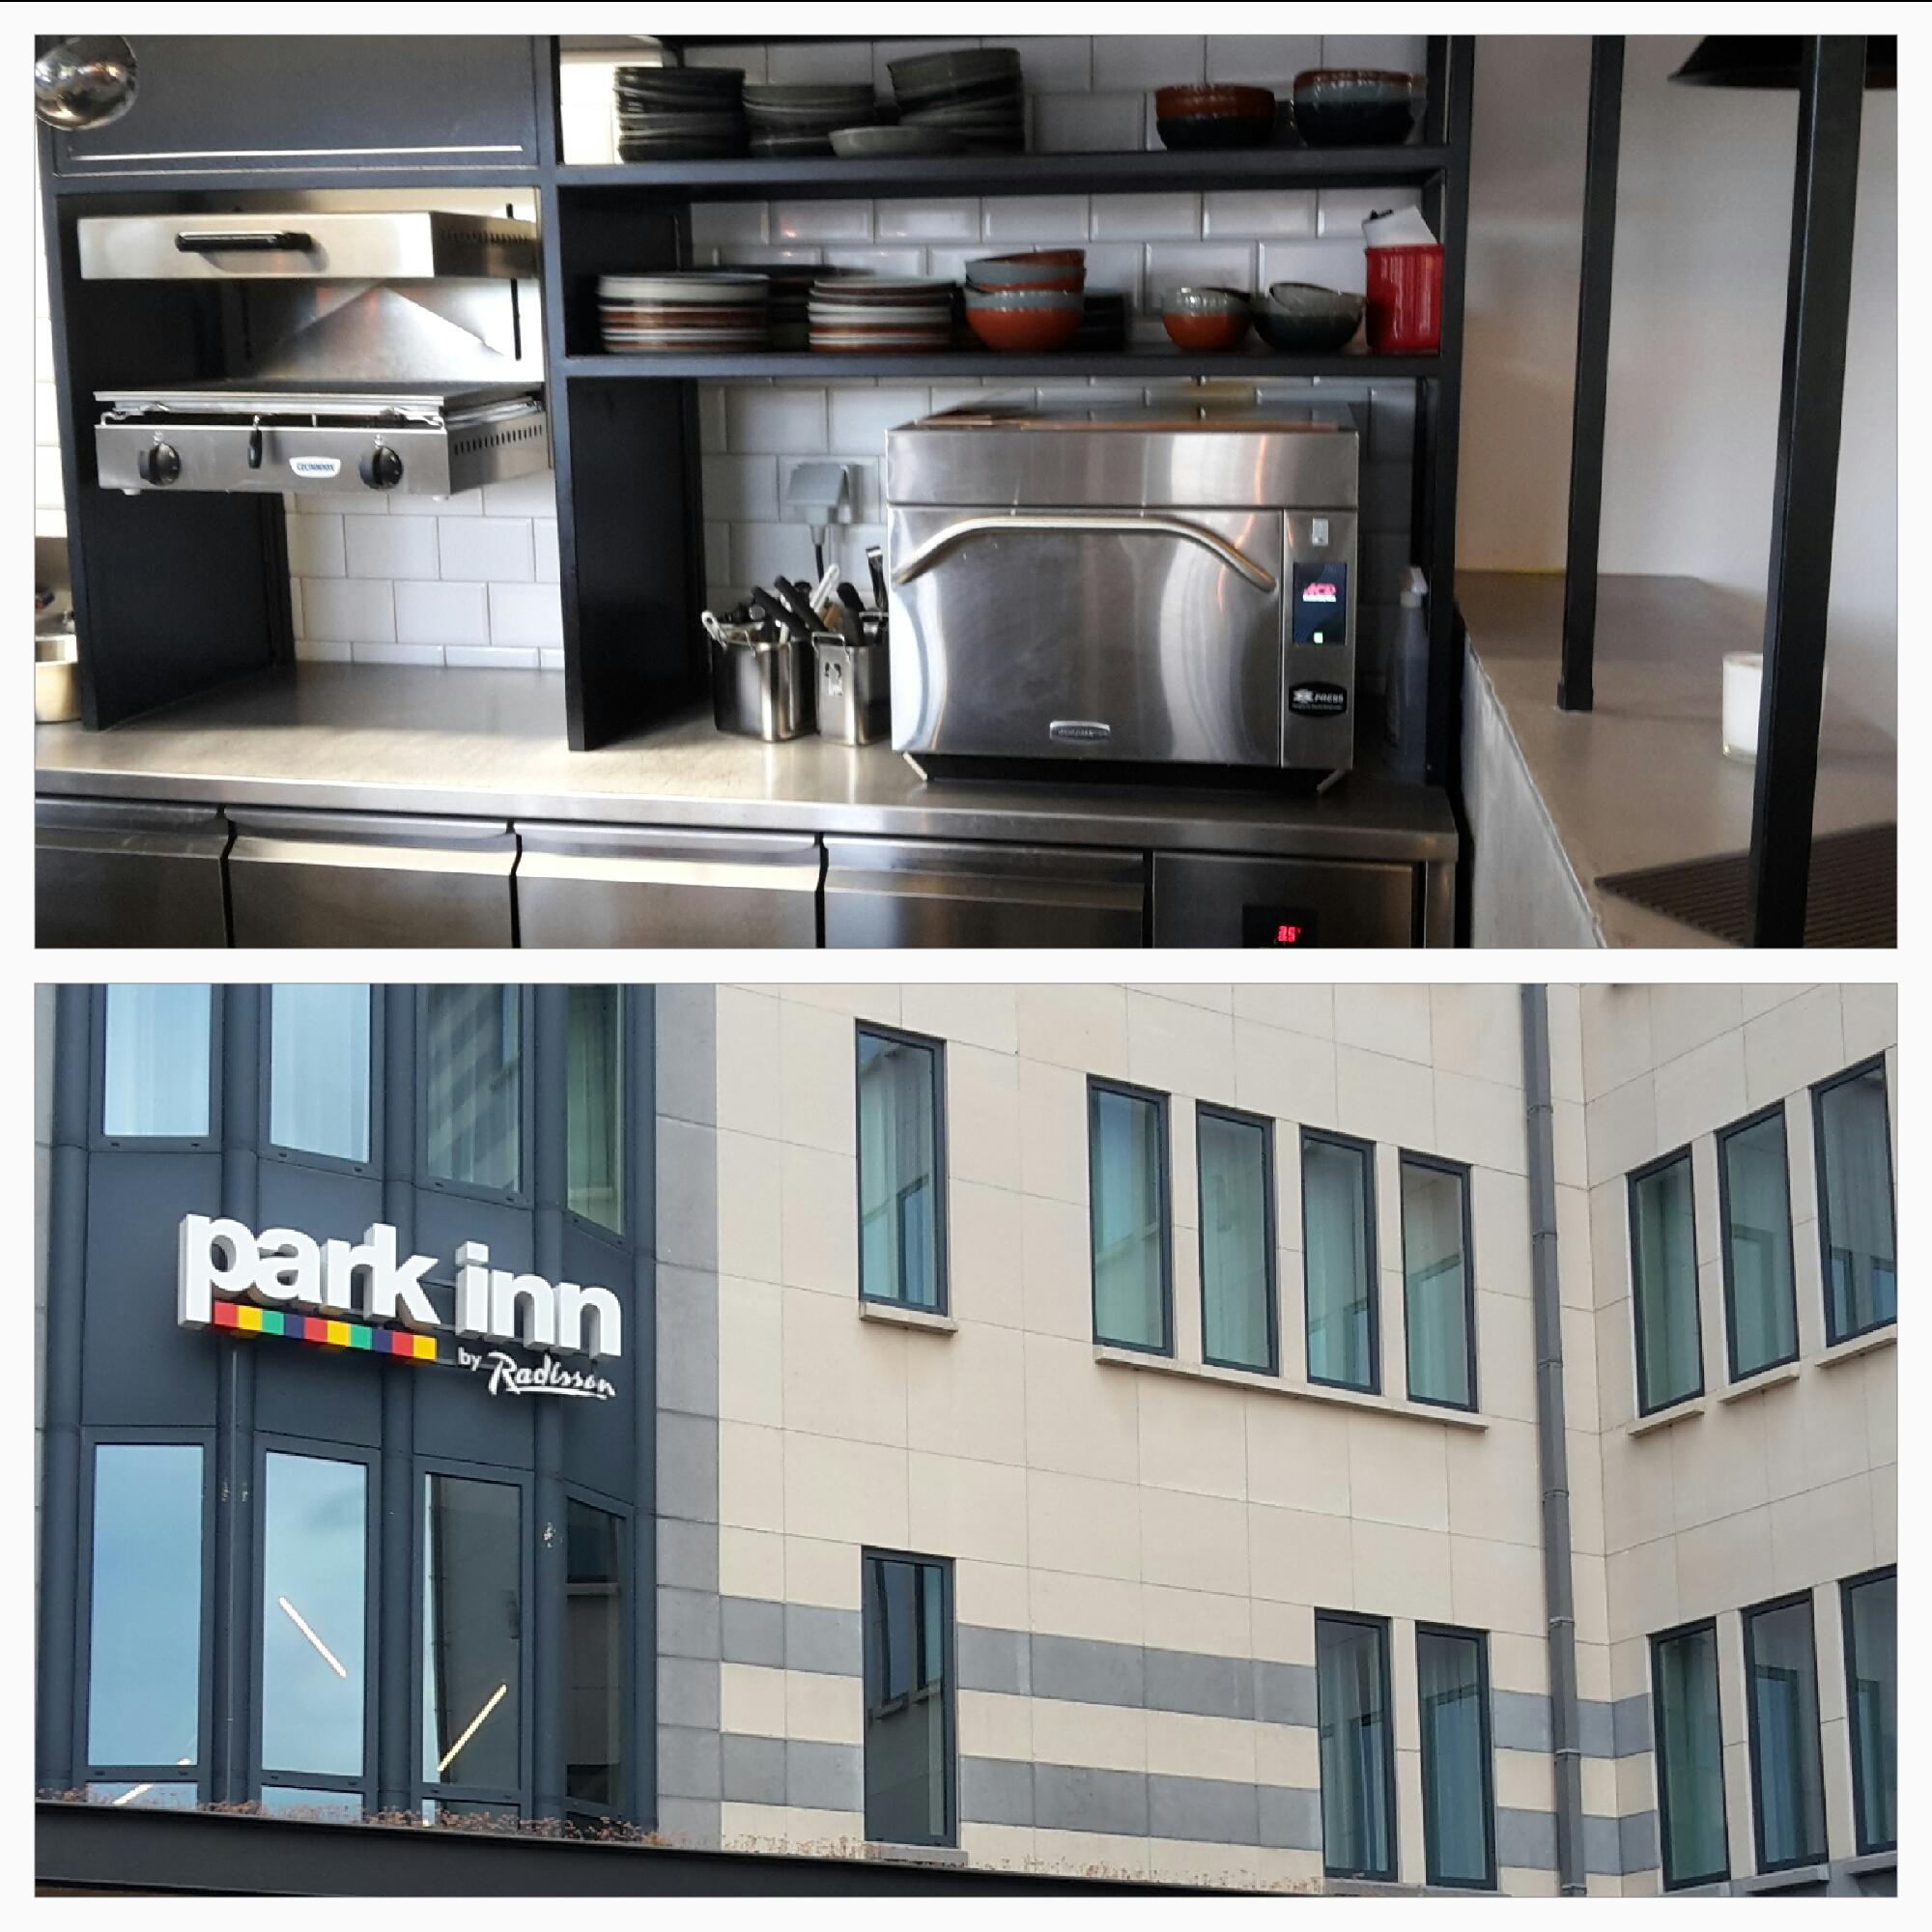 Park Inn Radisson Zaventem